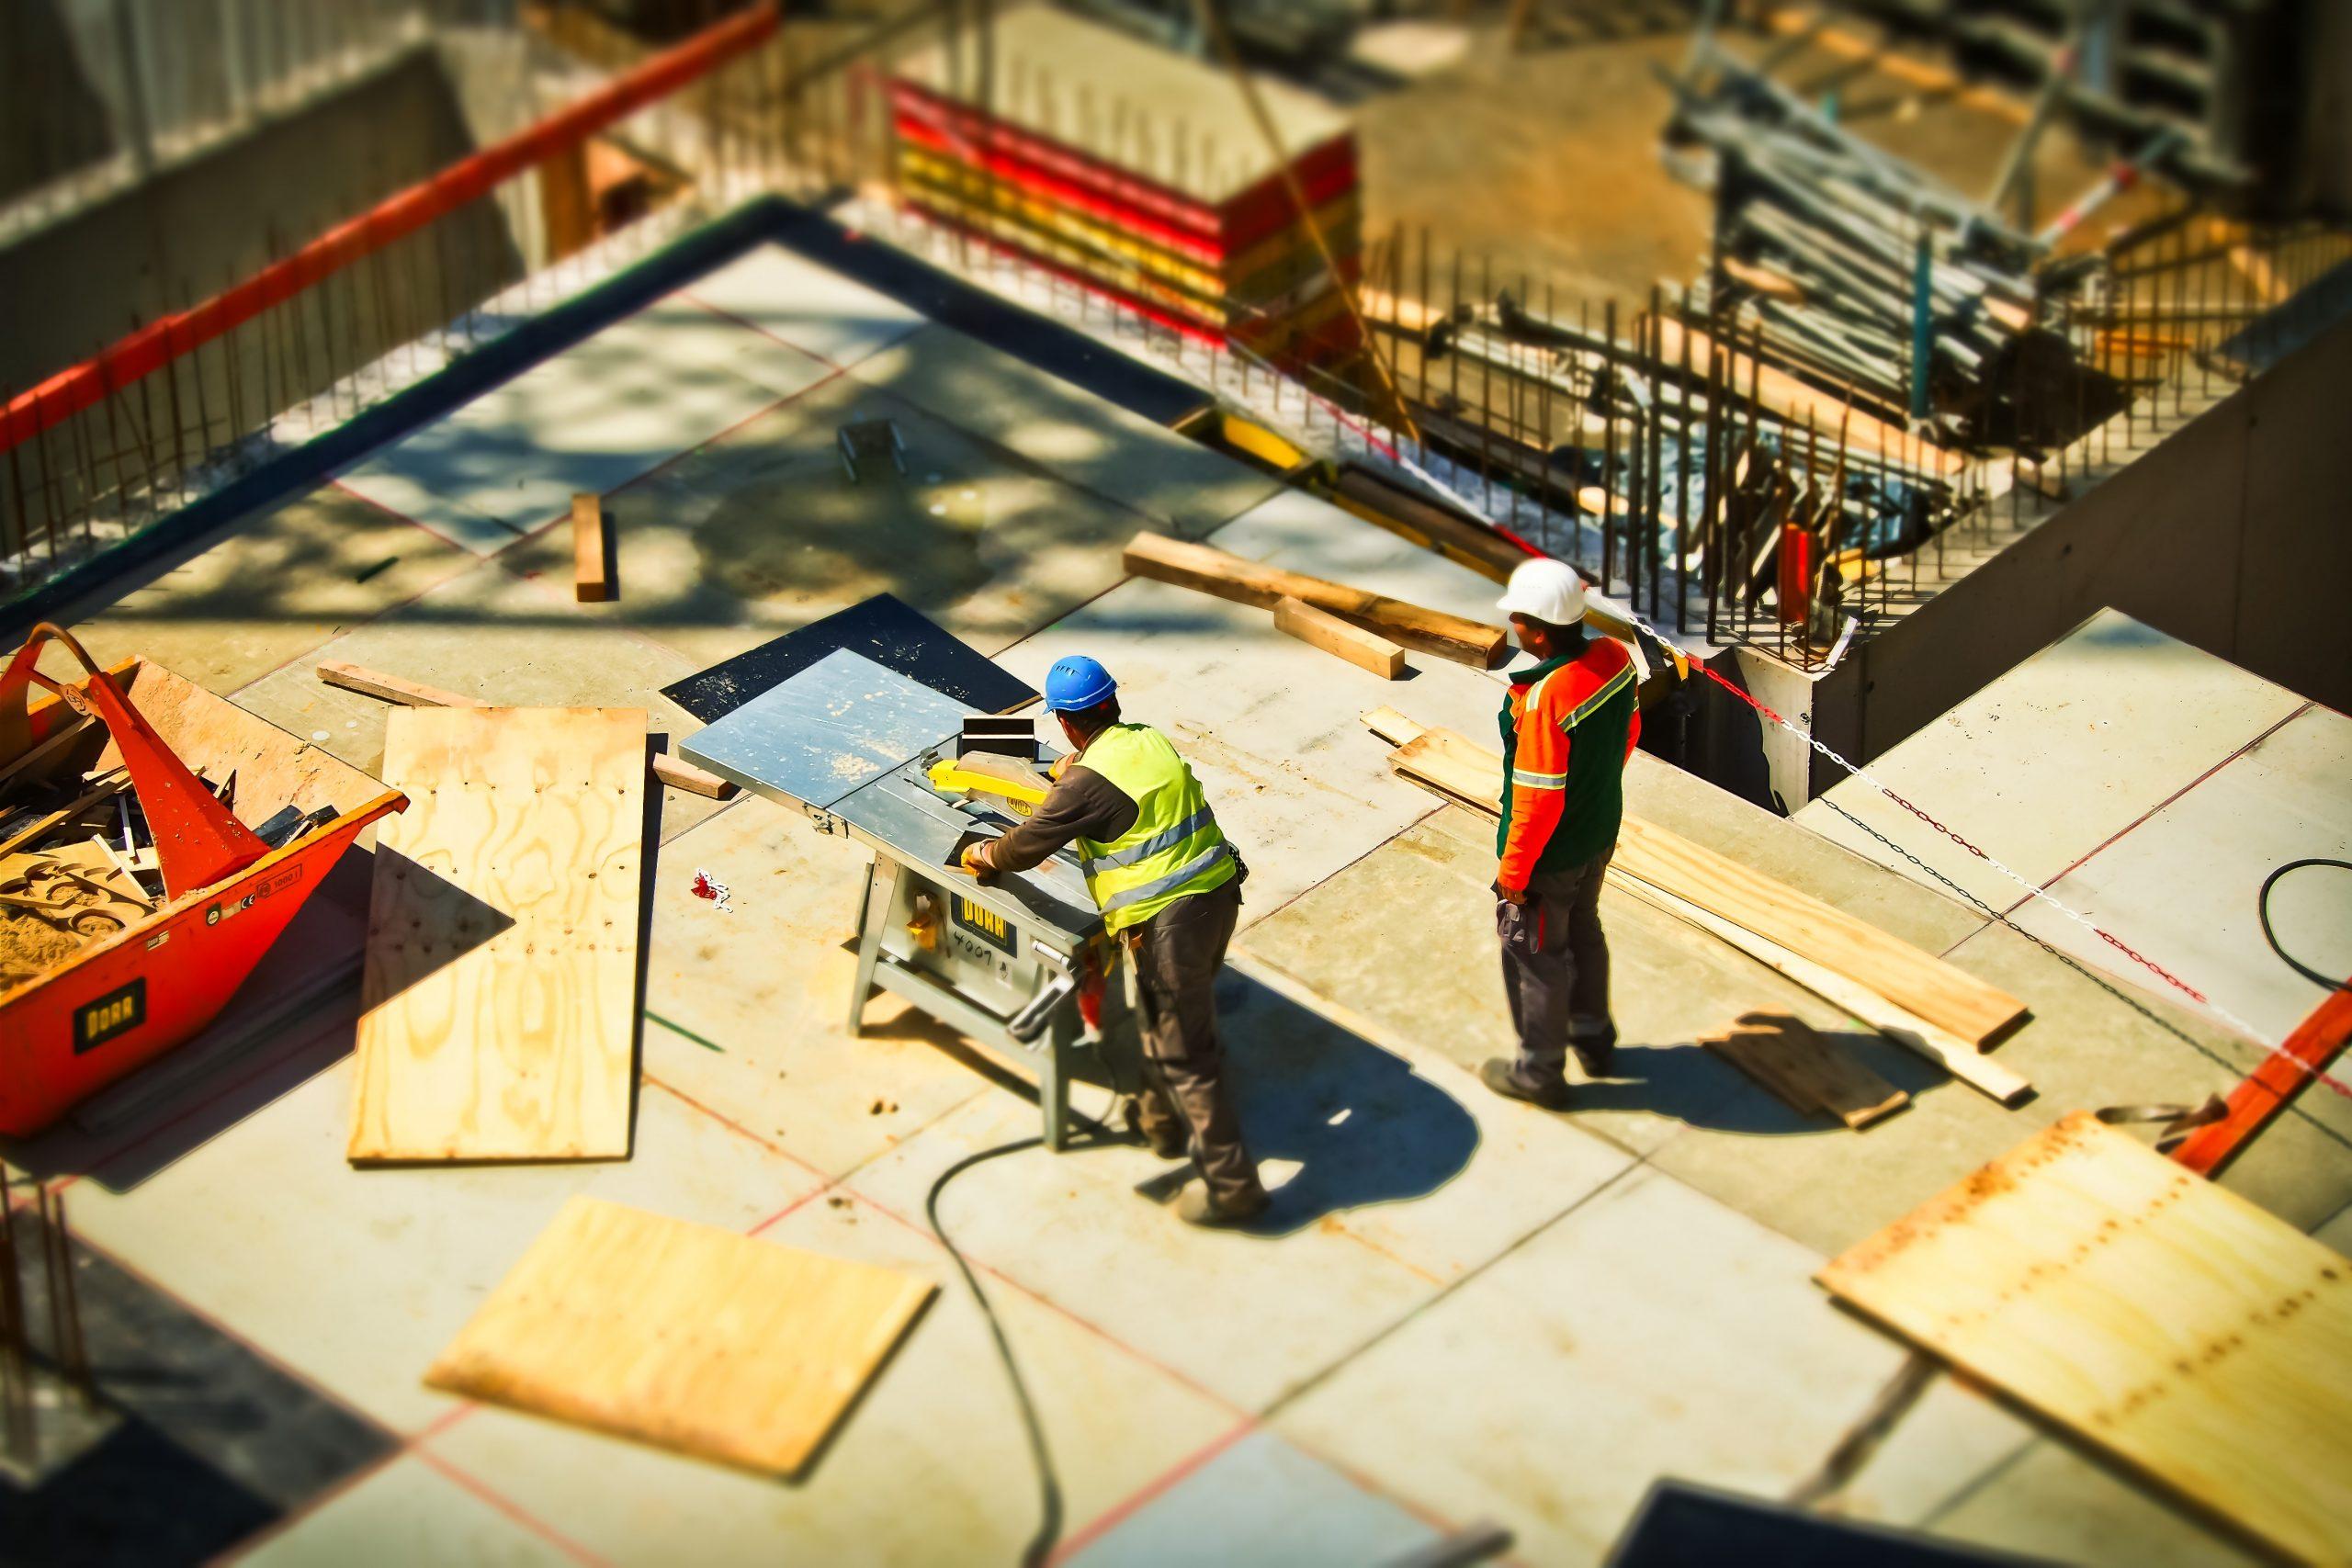 Podľa 75 % stavebných podnikov koronakríza ešte viac zhoršila zlú situáciu na trhu stavebných zákaziek; problémom je najmä stagnujúca verejná výstavba